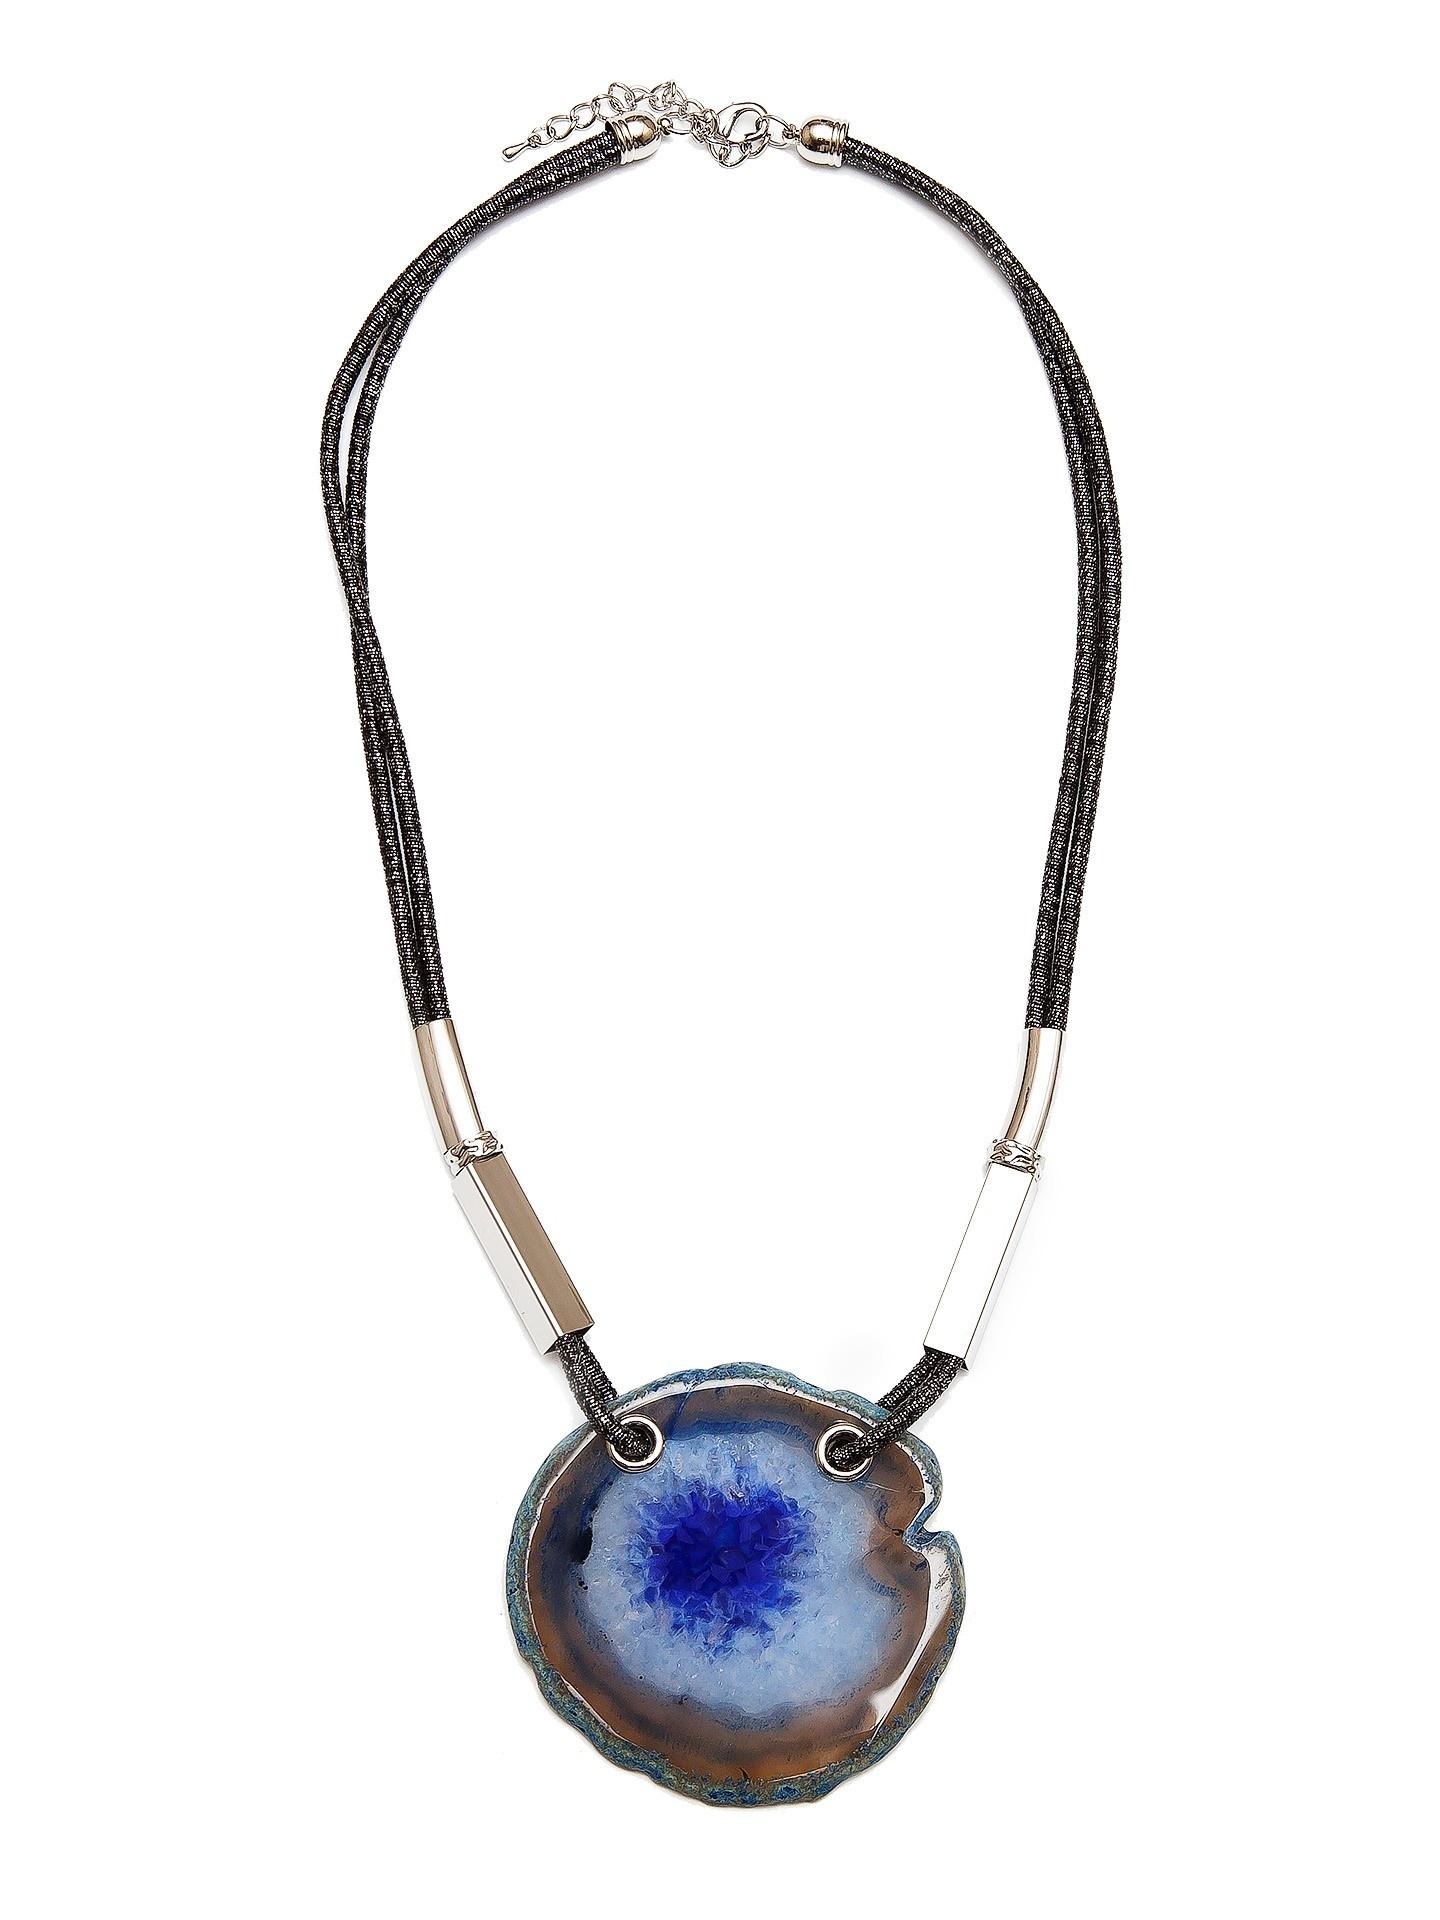 Колье Aiyony Macie, NC710078, черный, серебряный, синийNC710078Длина 64+6 см., ширина 0,8 см., украшение 8 х 7 см., цвет и размер украшения может отличаться, по причине натурального происхождения камня. Состав: агат, текстиль, сплав на основе латуни.